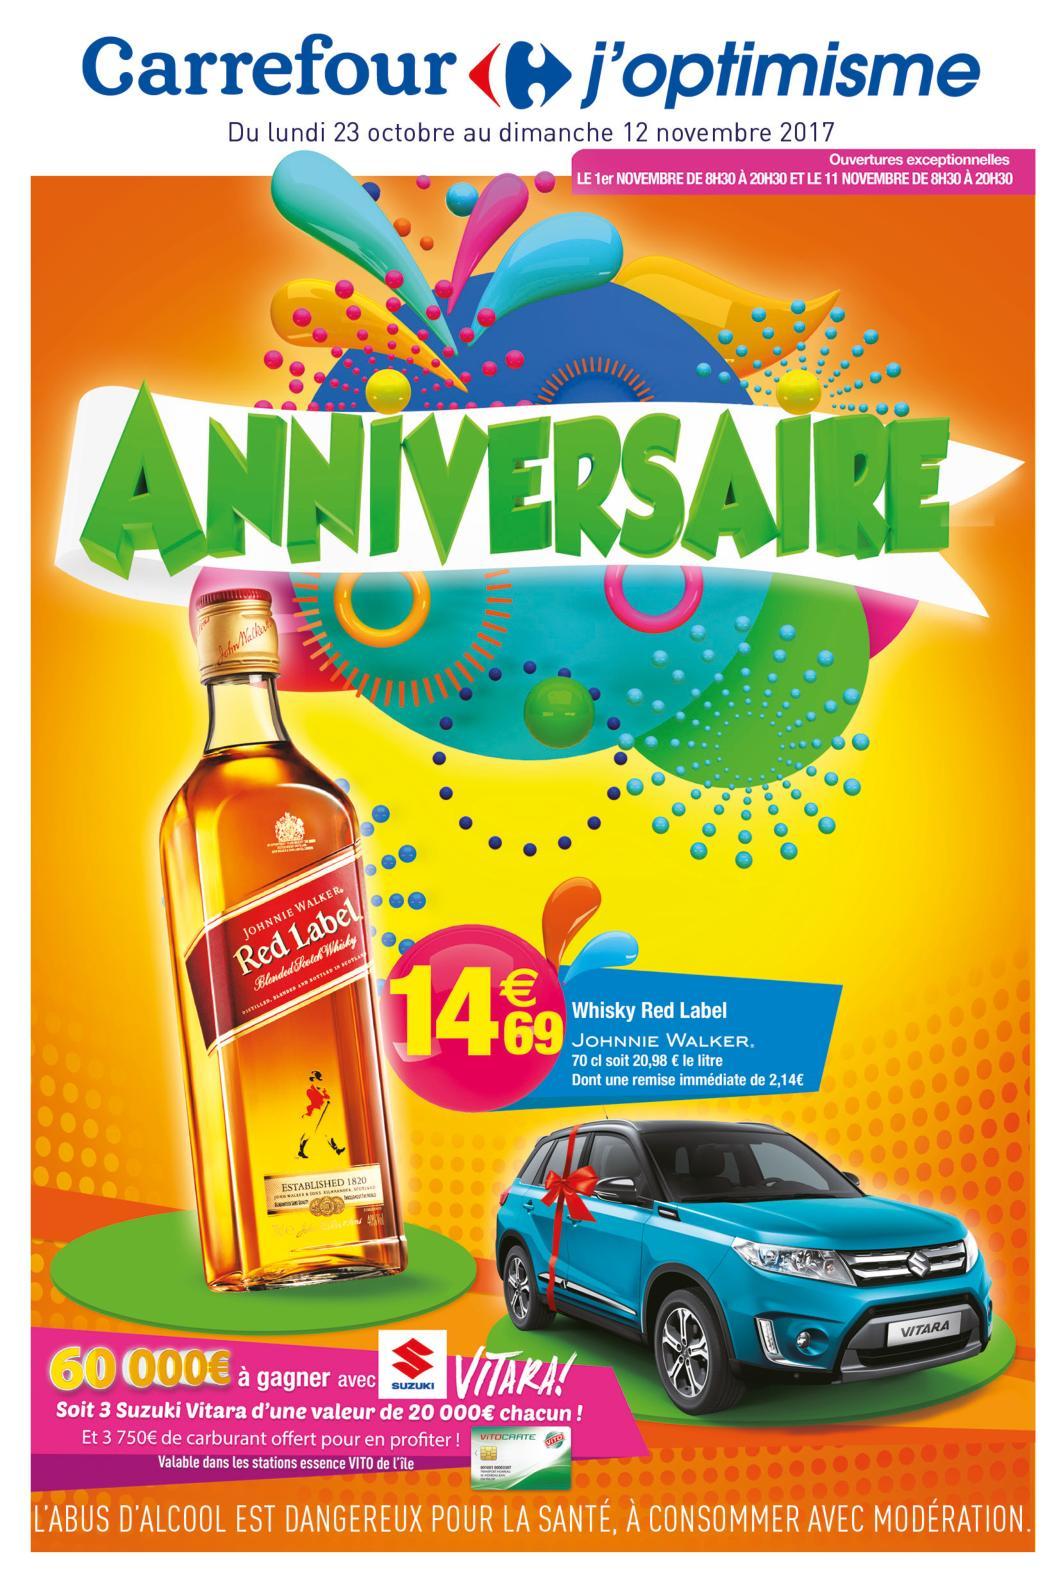 Anniversaire Carrefour